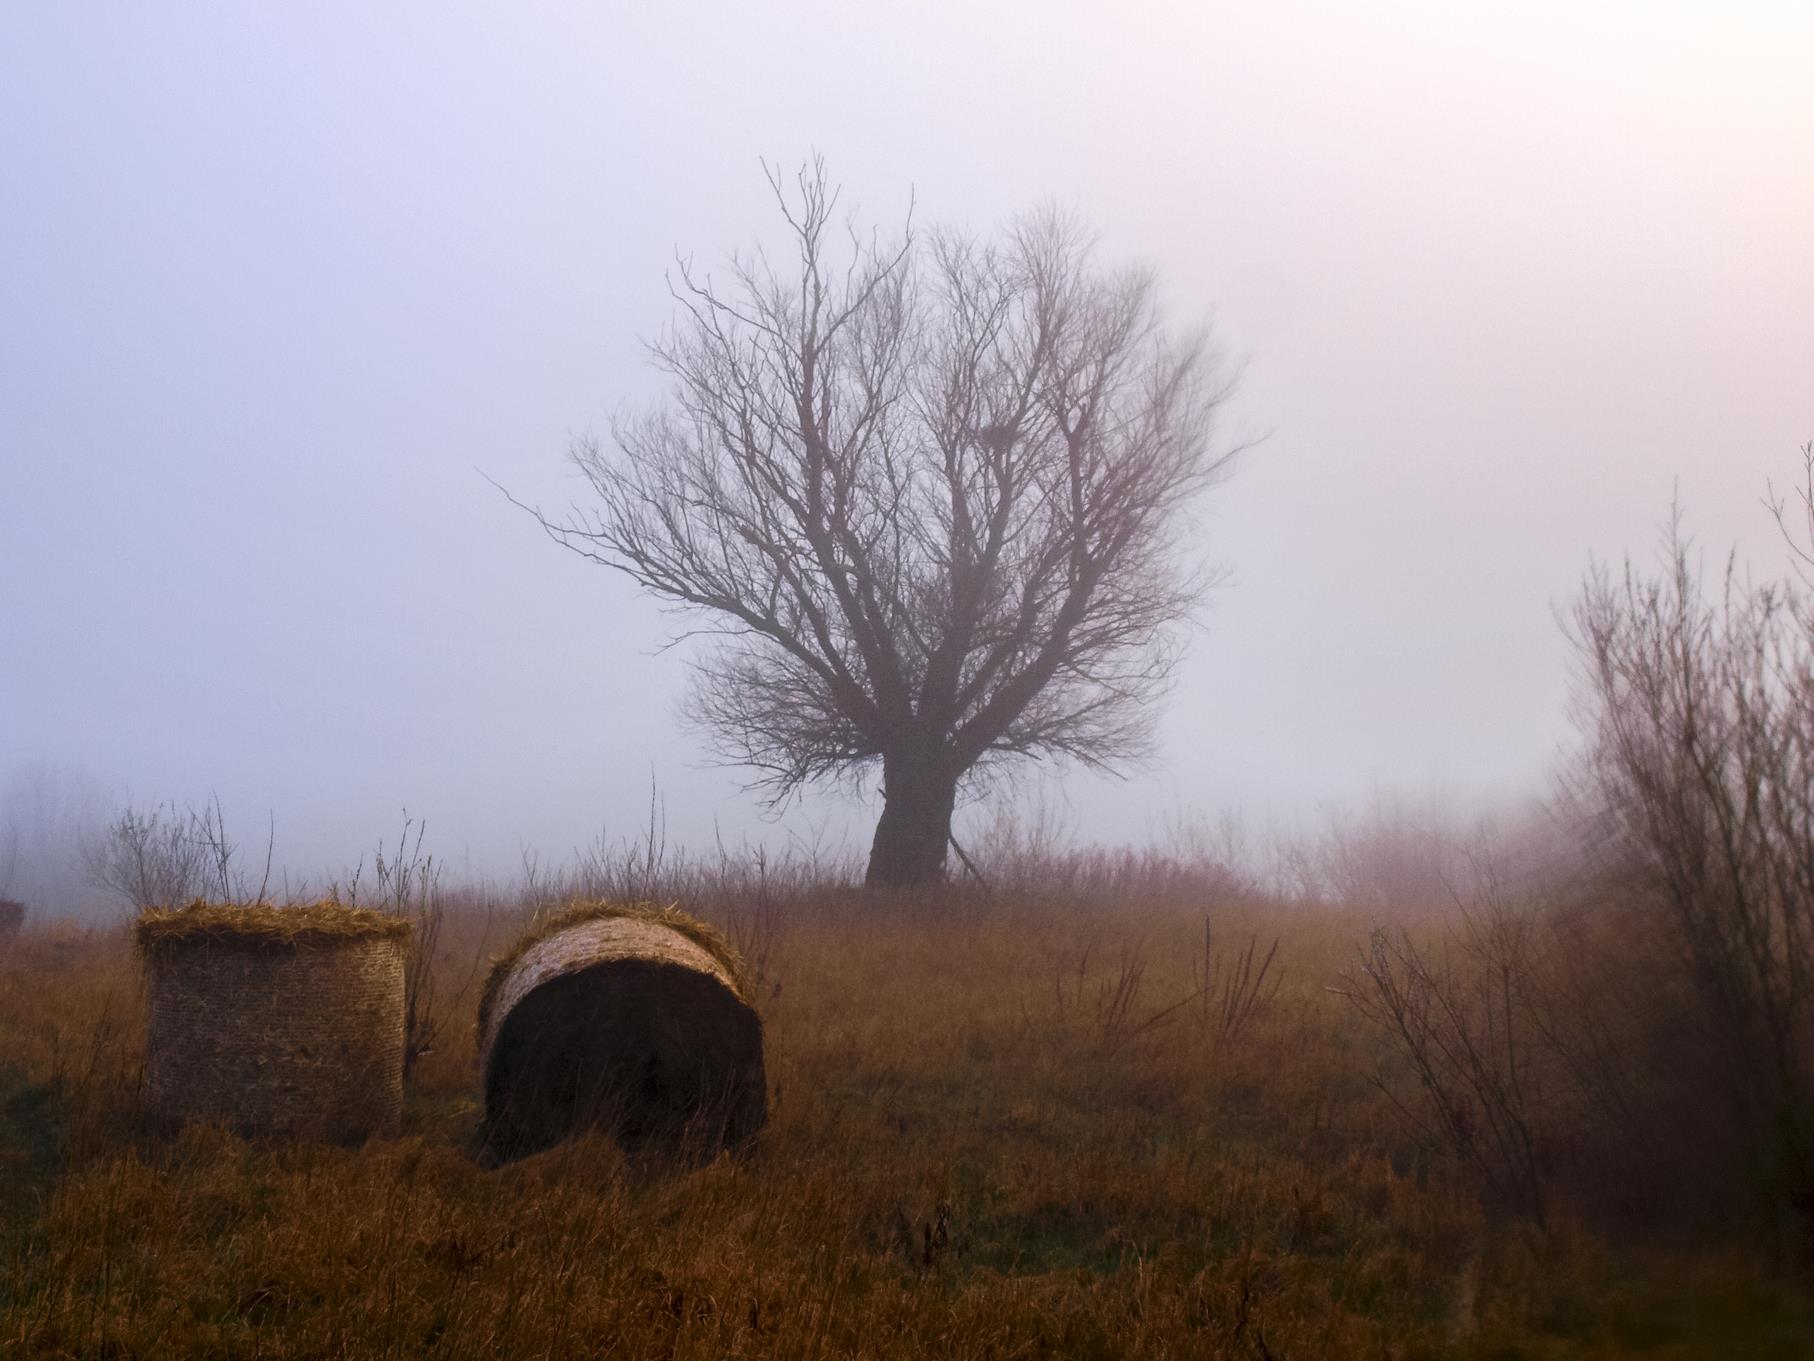 Eine Kopfweide im Nebel.